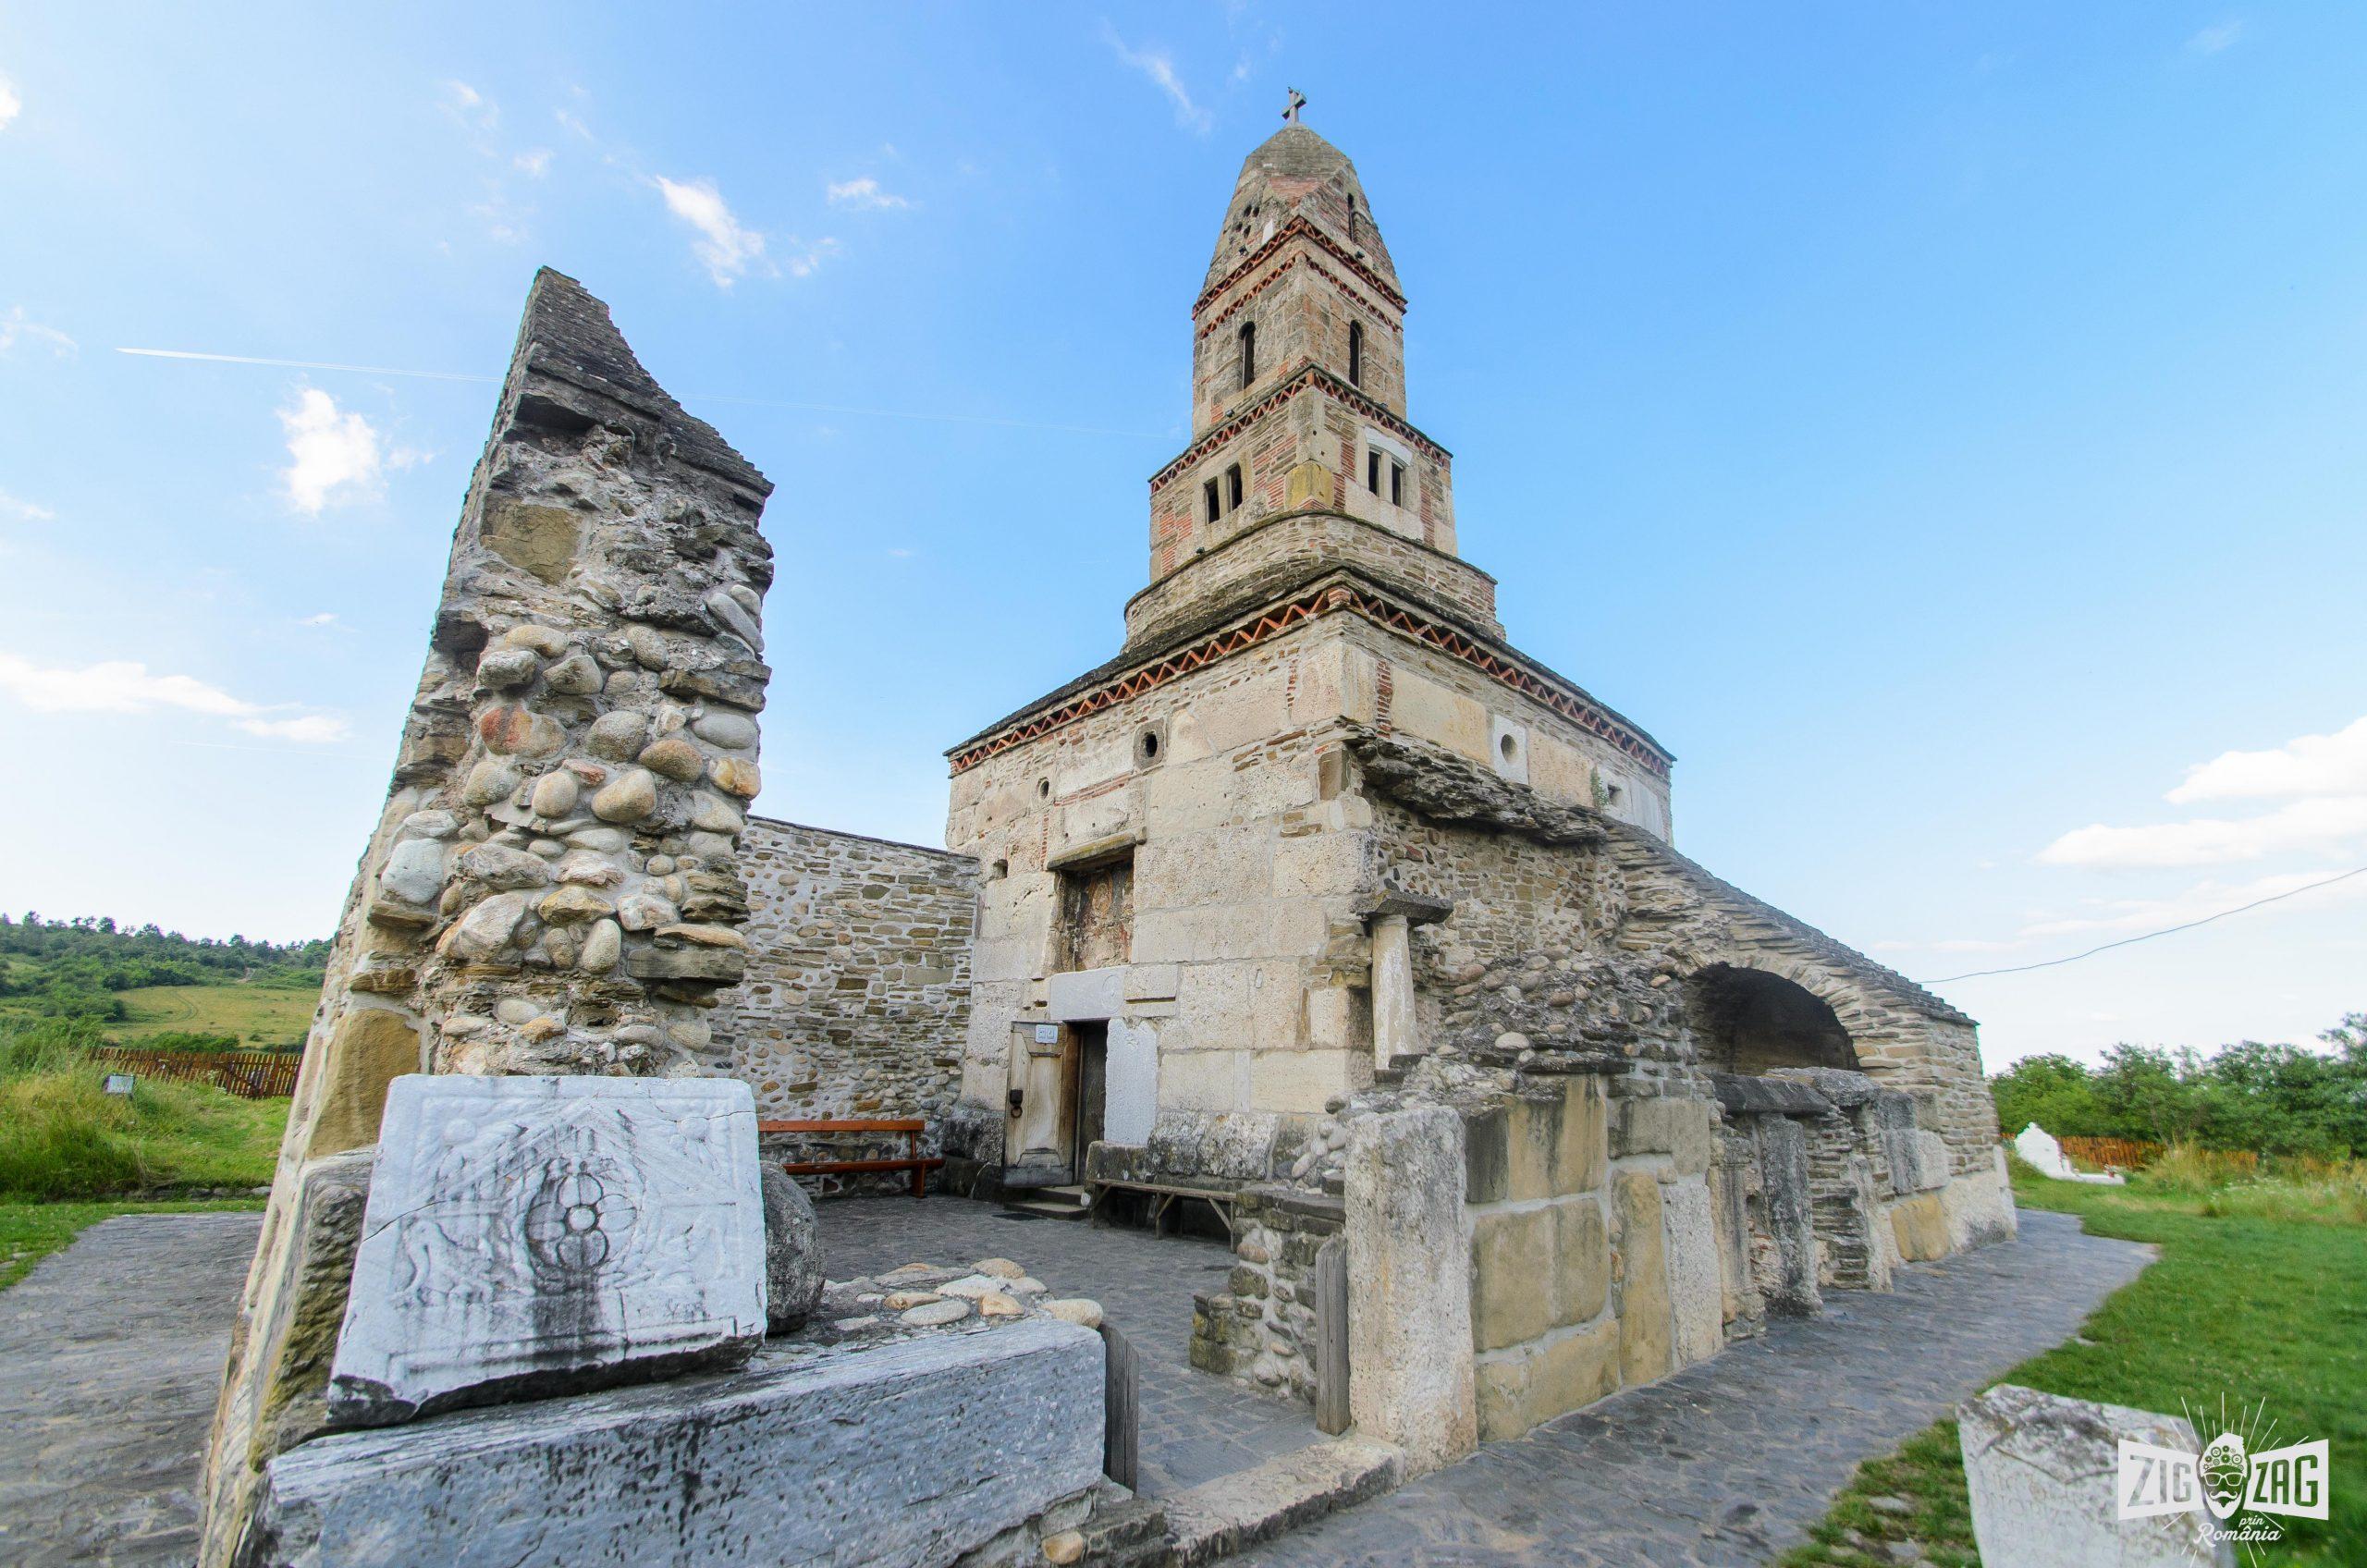 obiective turistice din judeţul Hunedoara in luna iunie